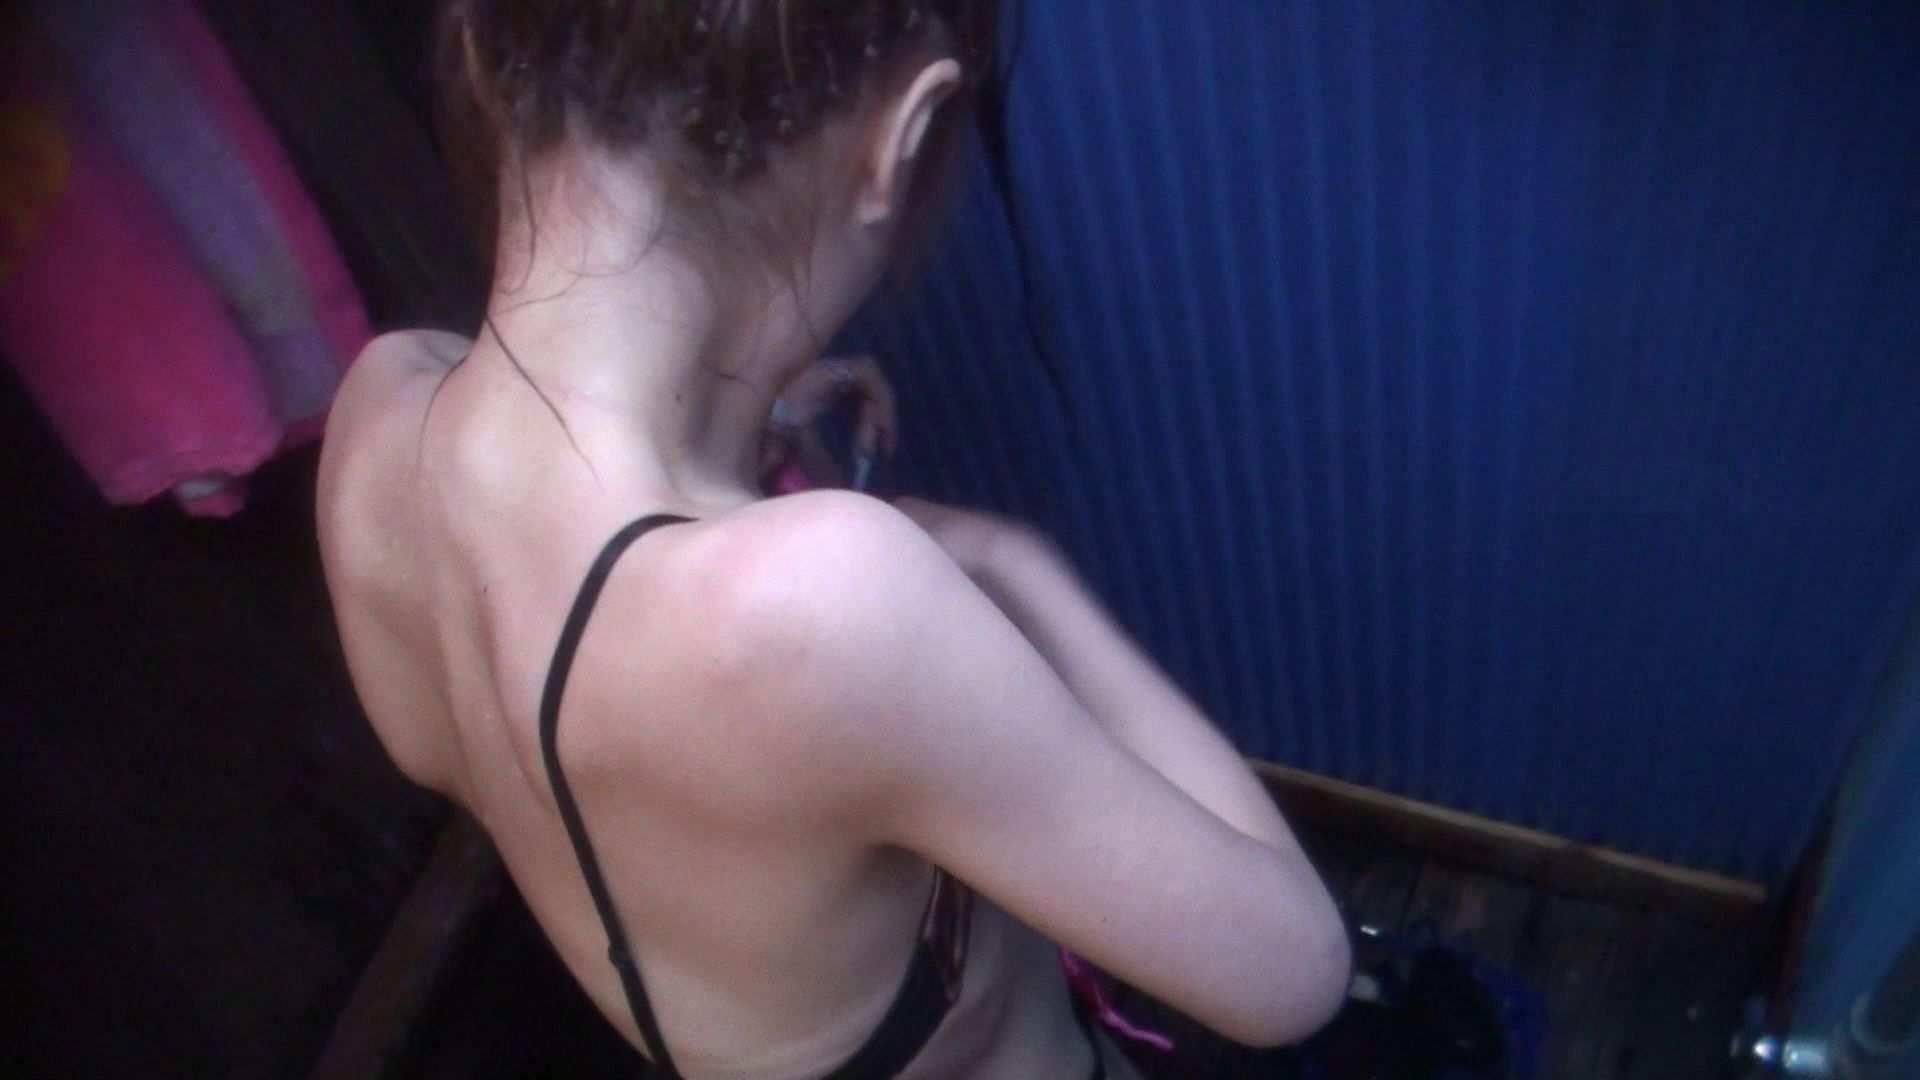 シャワールームは超!!危険な香りVol.9 可愛い顔してやることは大胆です シャワーシーン ヌード画像 68連発 11